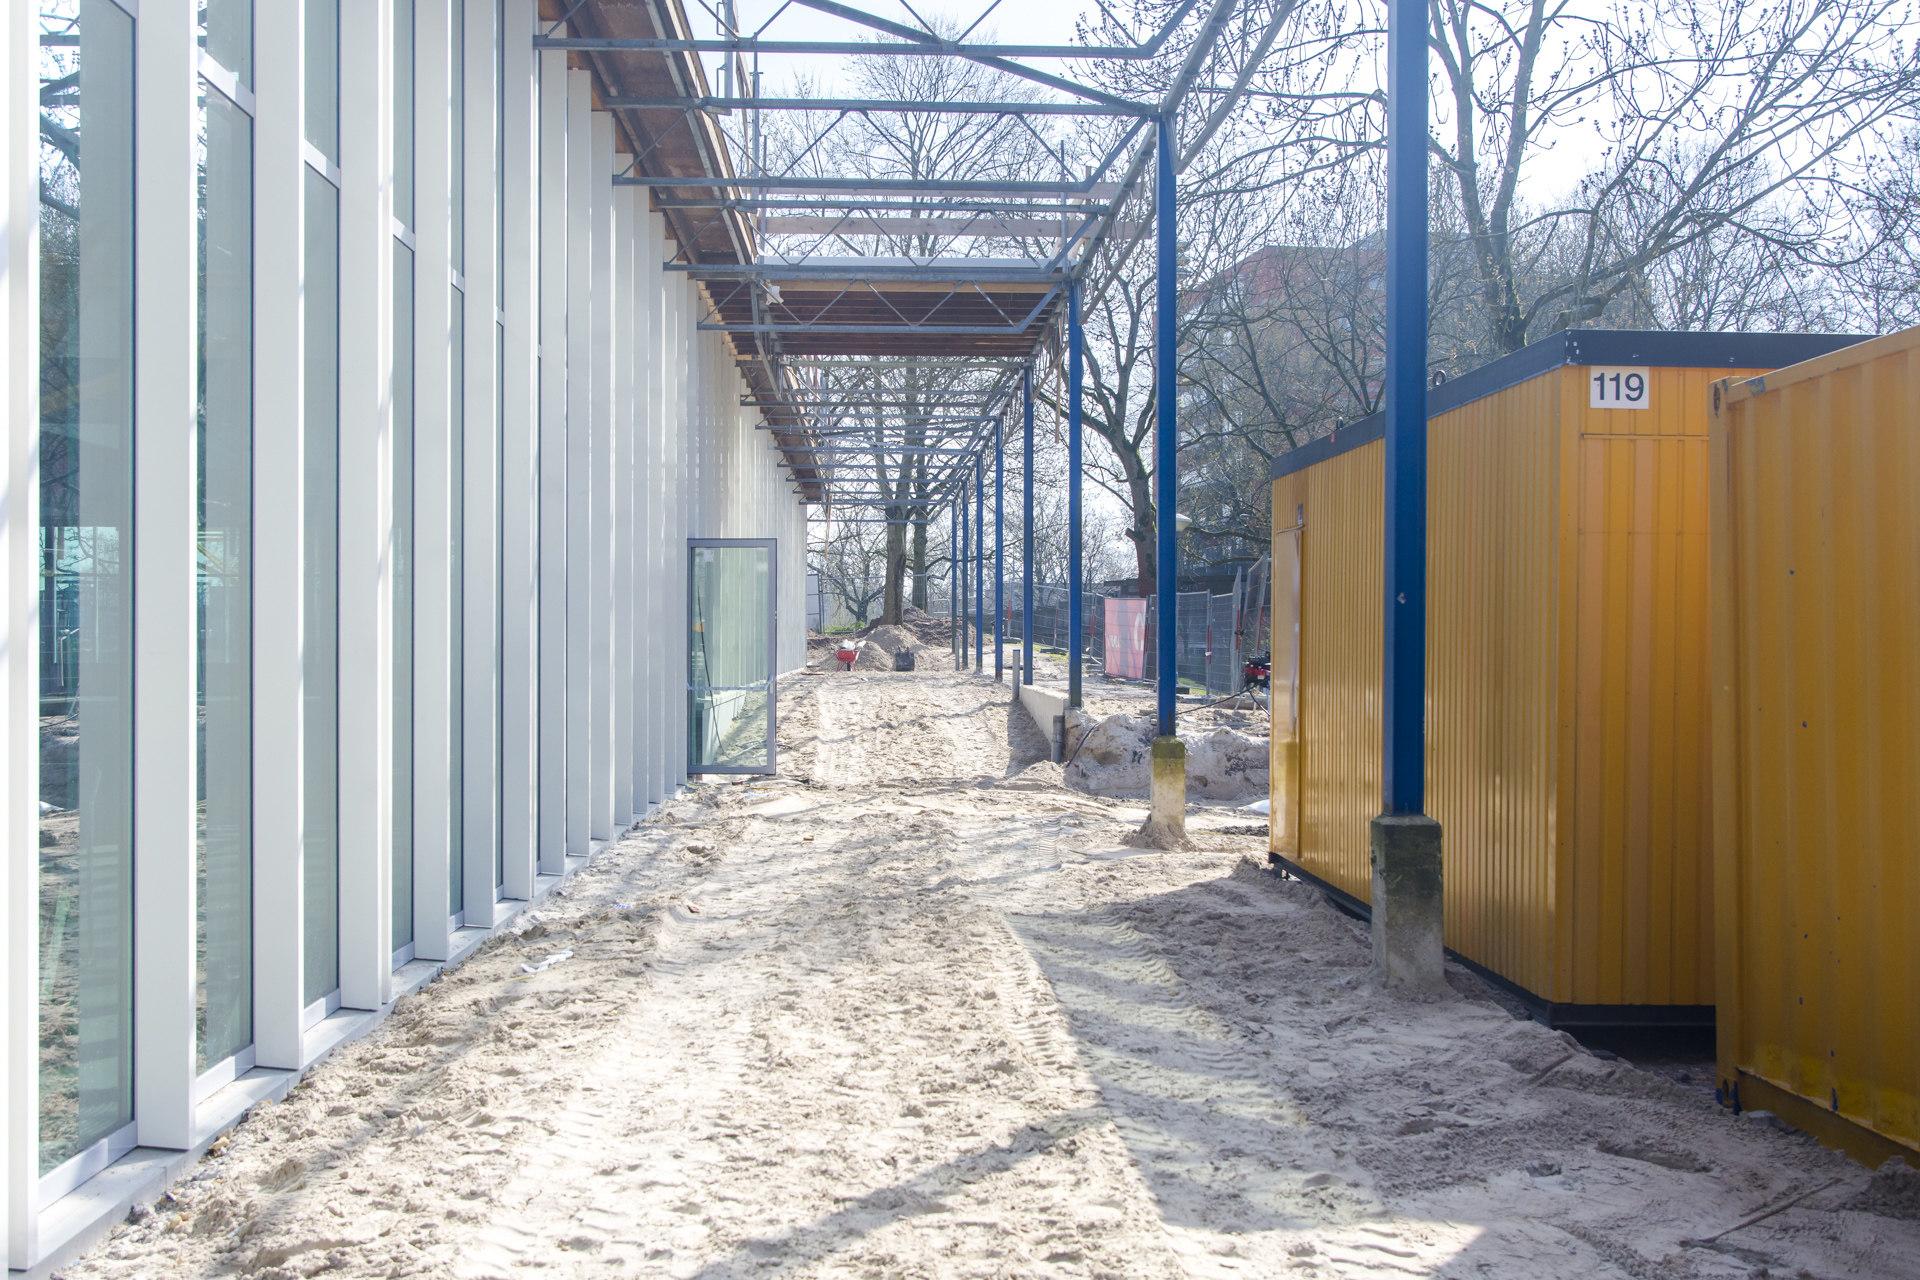 Verbouwing van het Karregat. Nieuwbouw week 13.